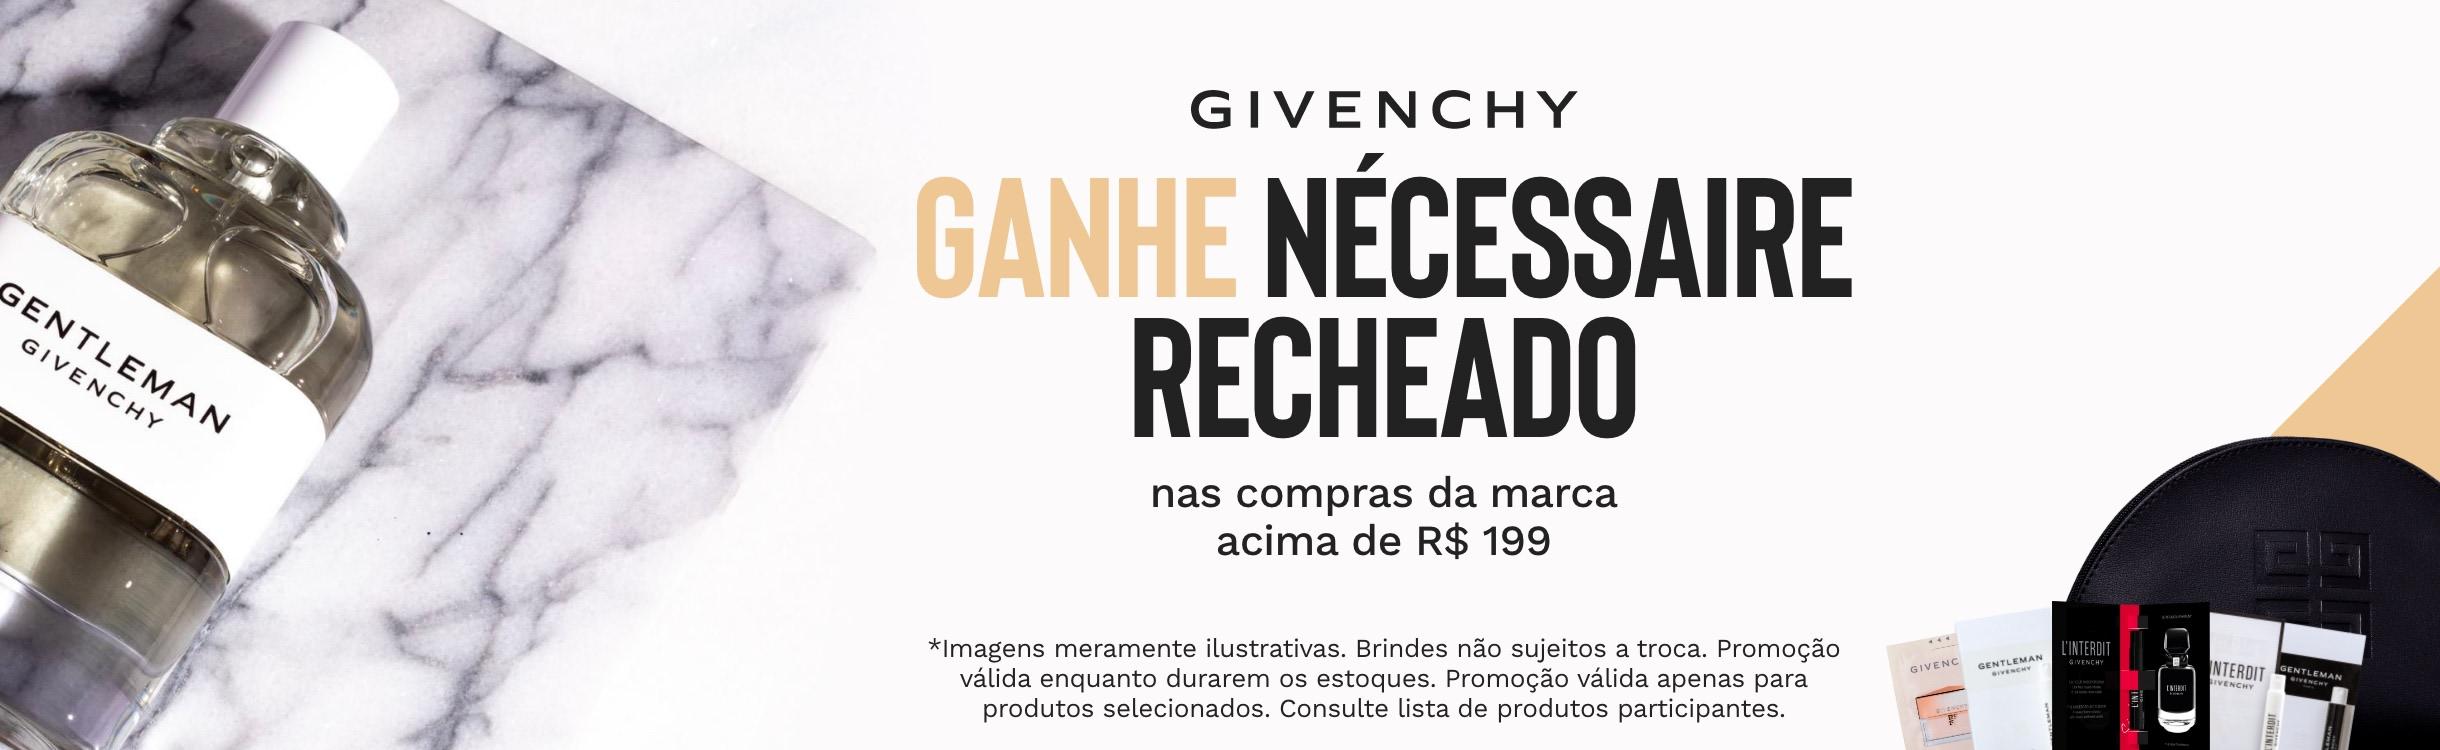 Perfumes Givenchy